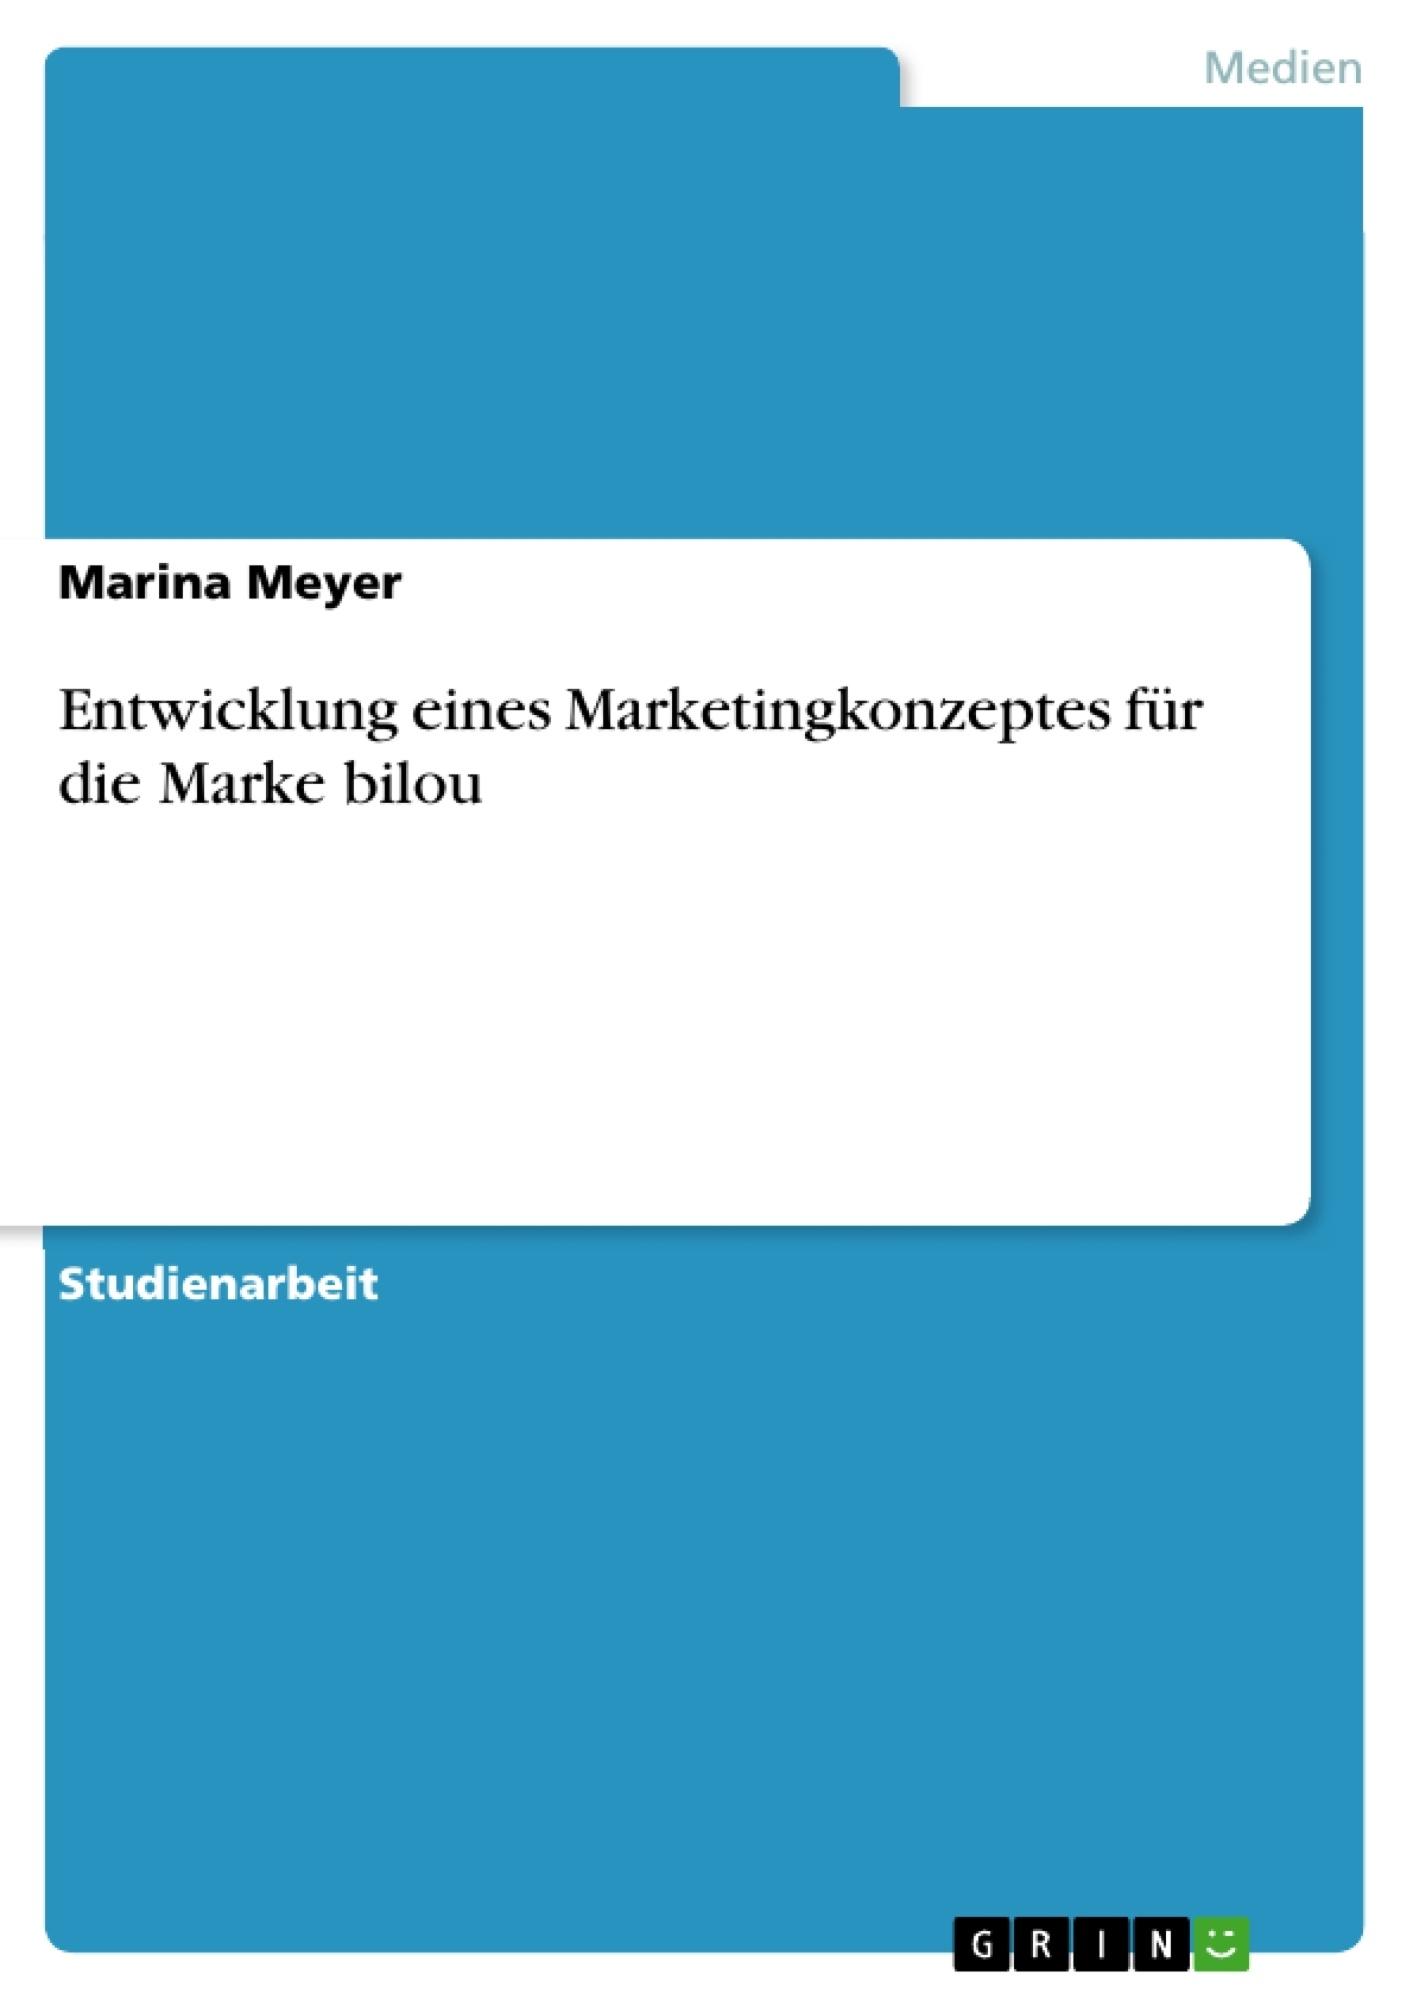 Titel: Entwicklung eines Marketingkonzeptes für die Marke bilou